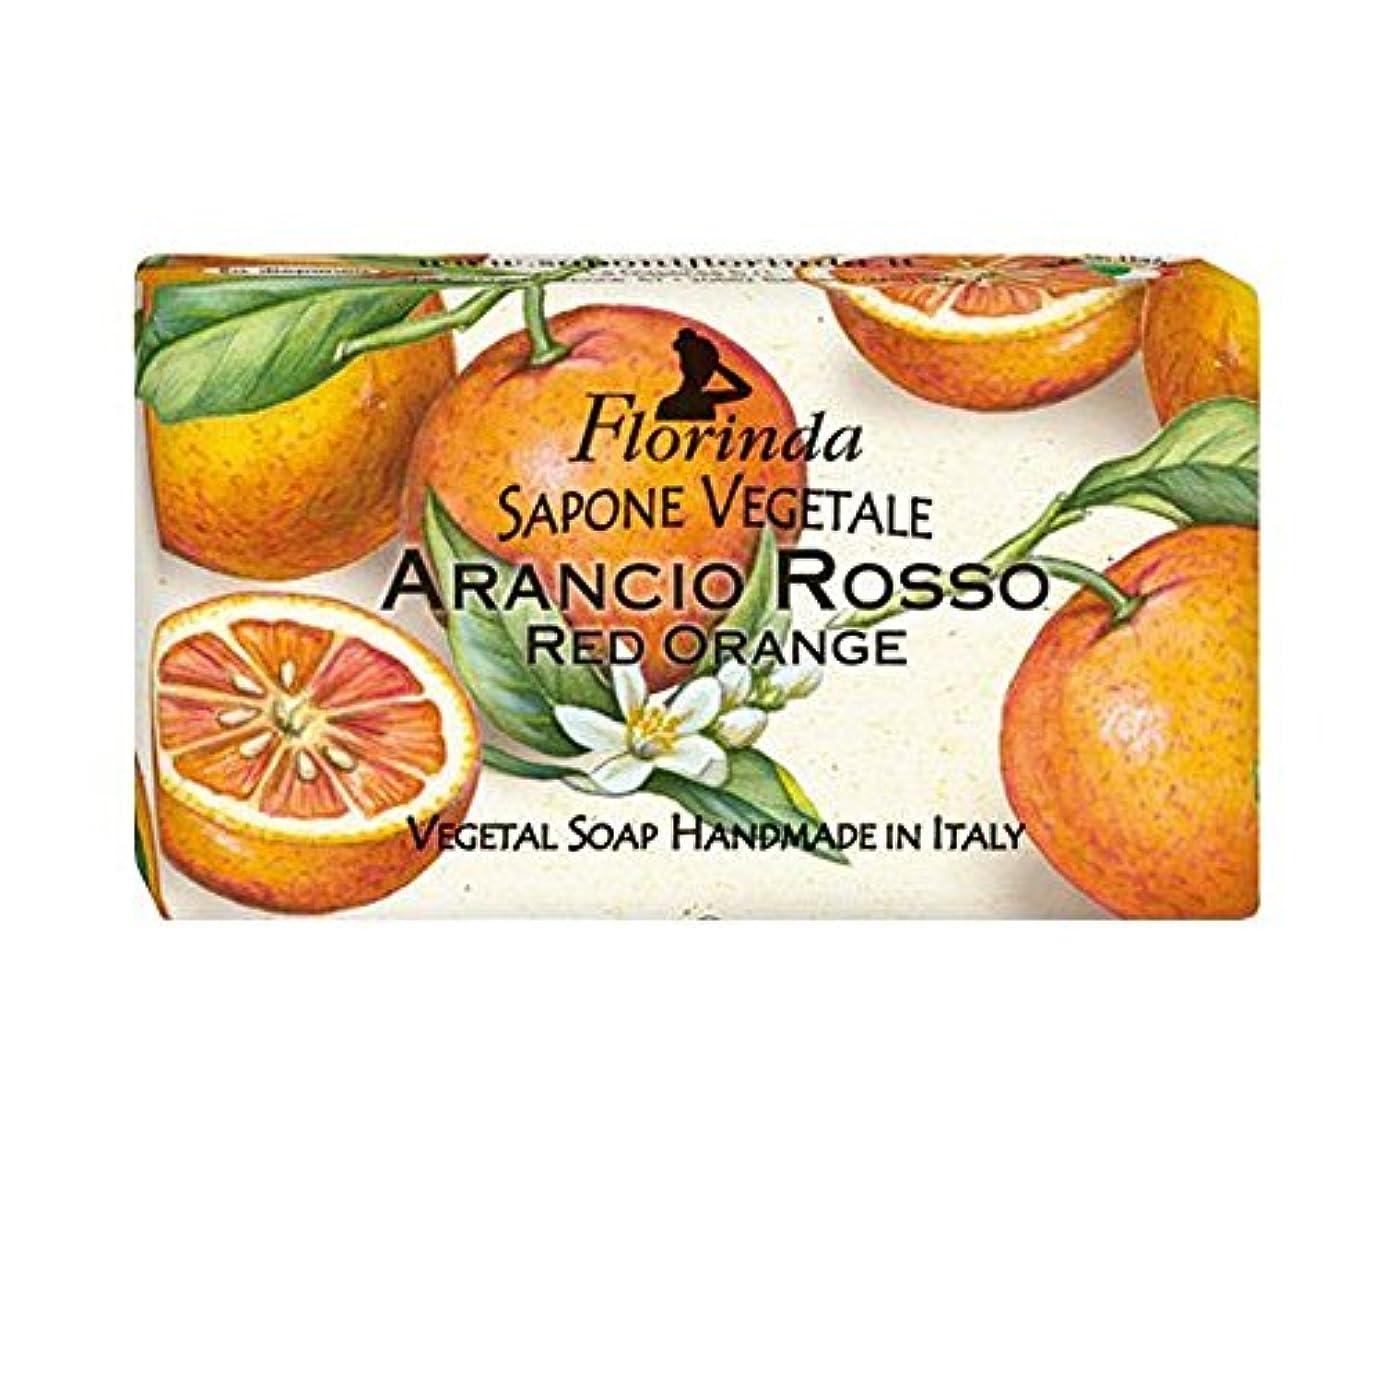 ズームインするカーペット抽象化Florinda フロリンダ フレグランスソープ フルーツ レッドオレンジ 100g [並行輸入品]